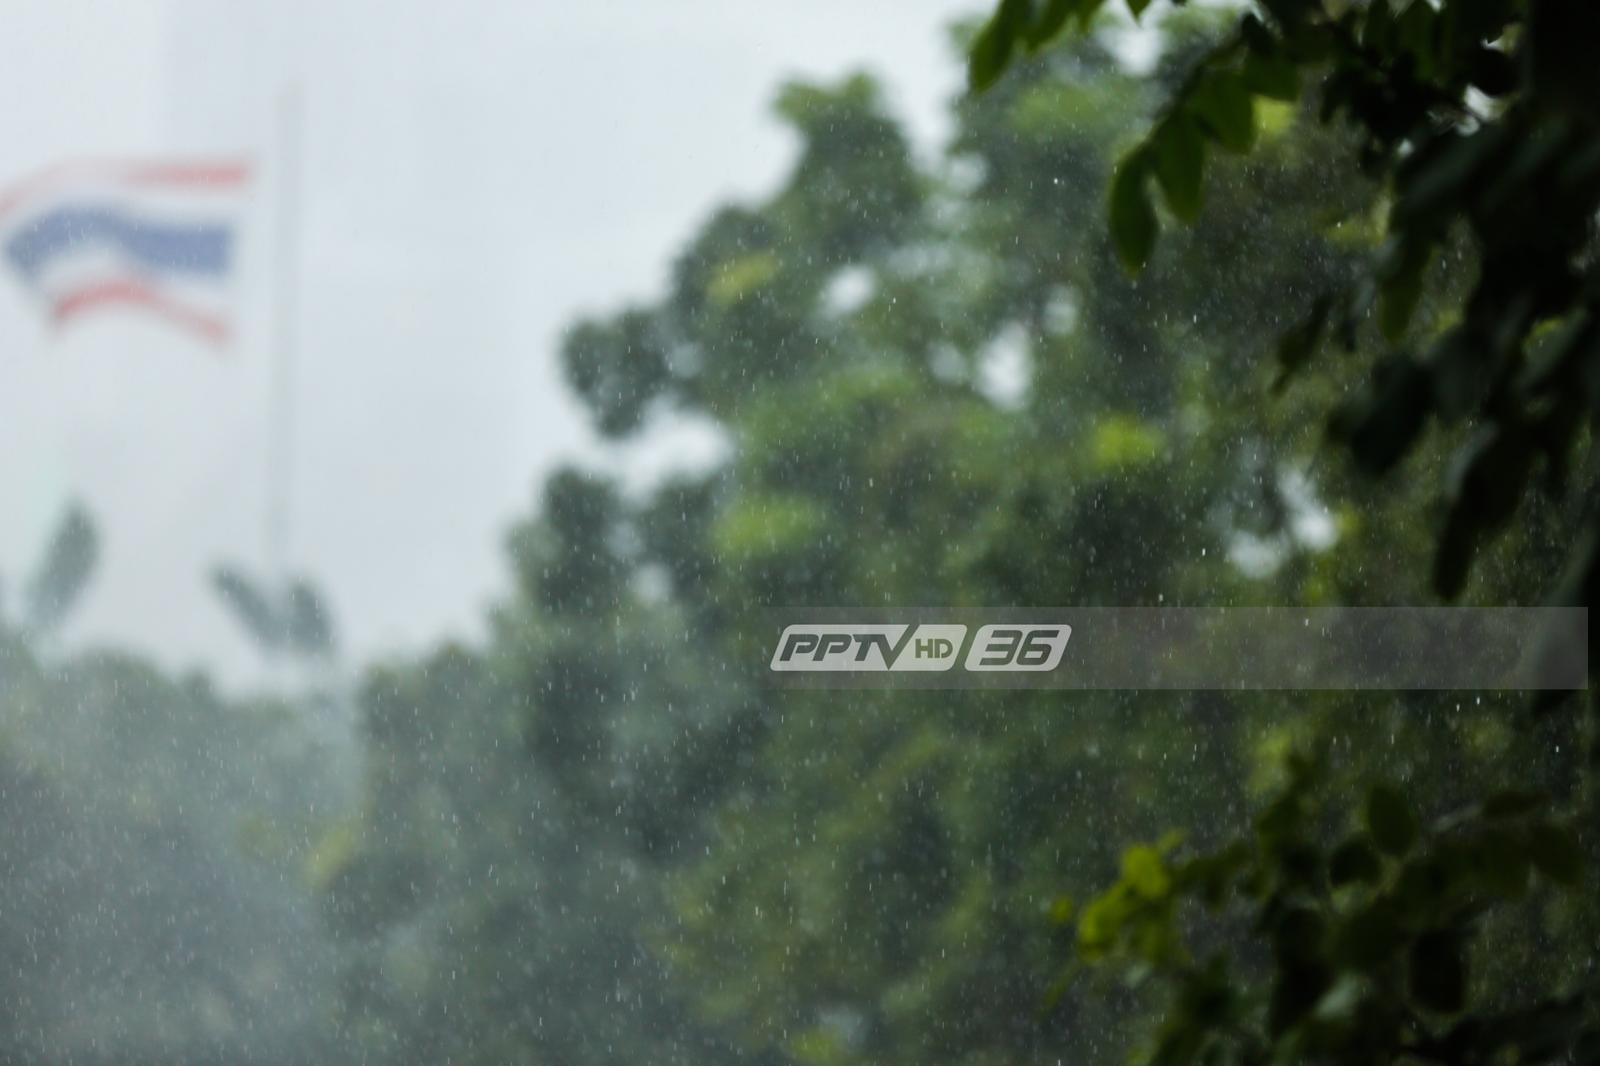 """พยากรณ์อากาศ ไทยมีฝนฟ้าคะนอง เตือน """"อีสาน-ตะวันออก""""ฝนตกหนัก"""